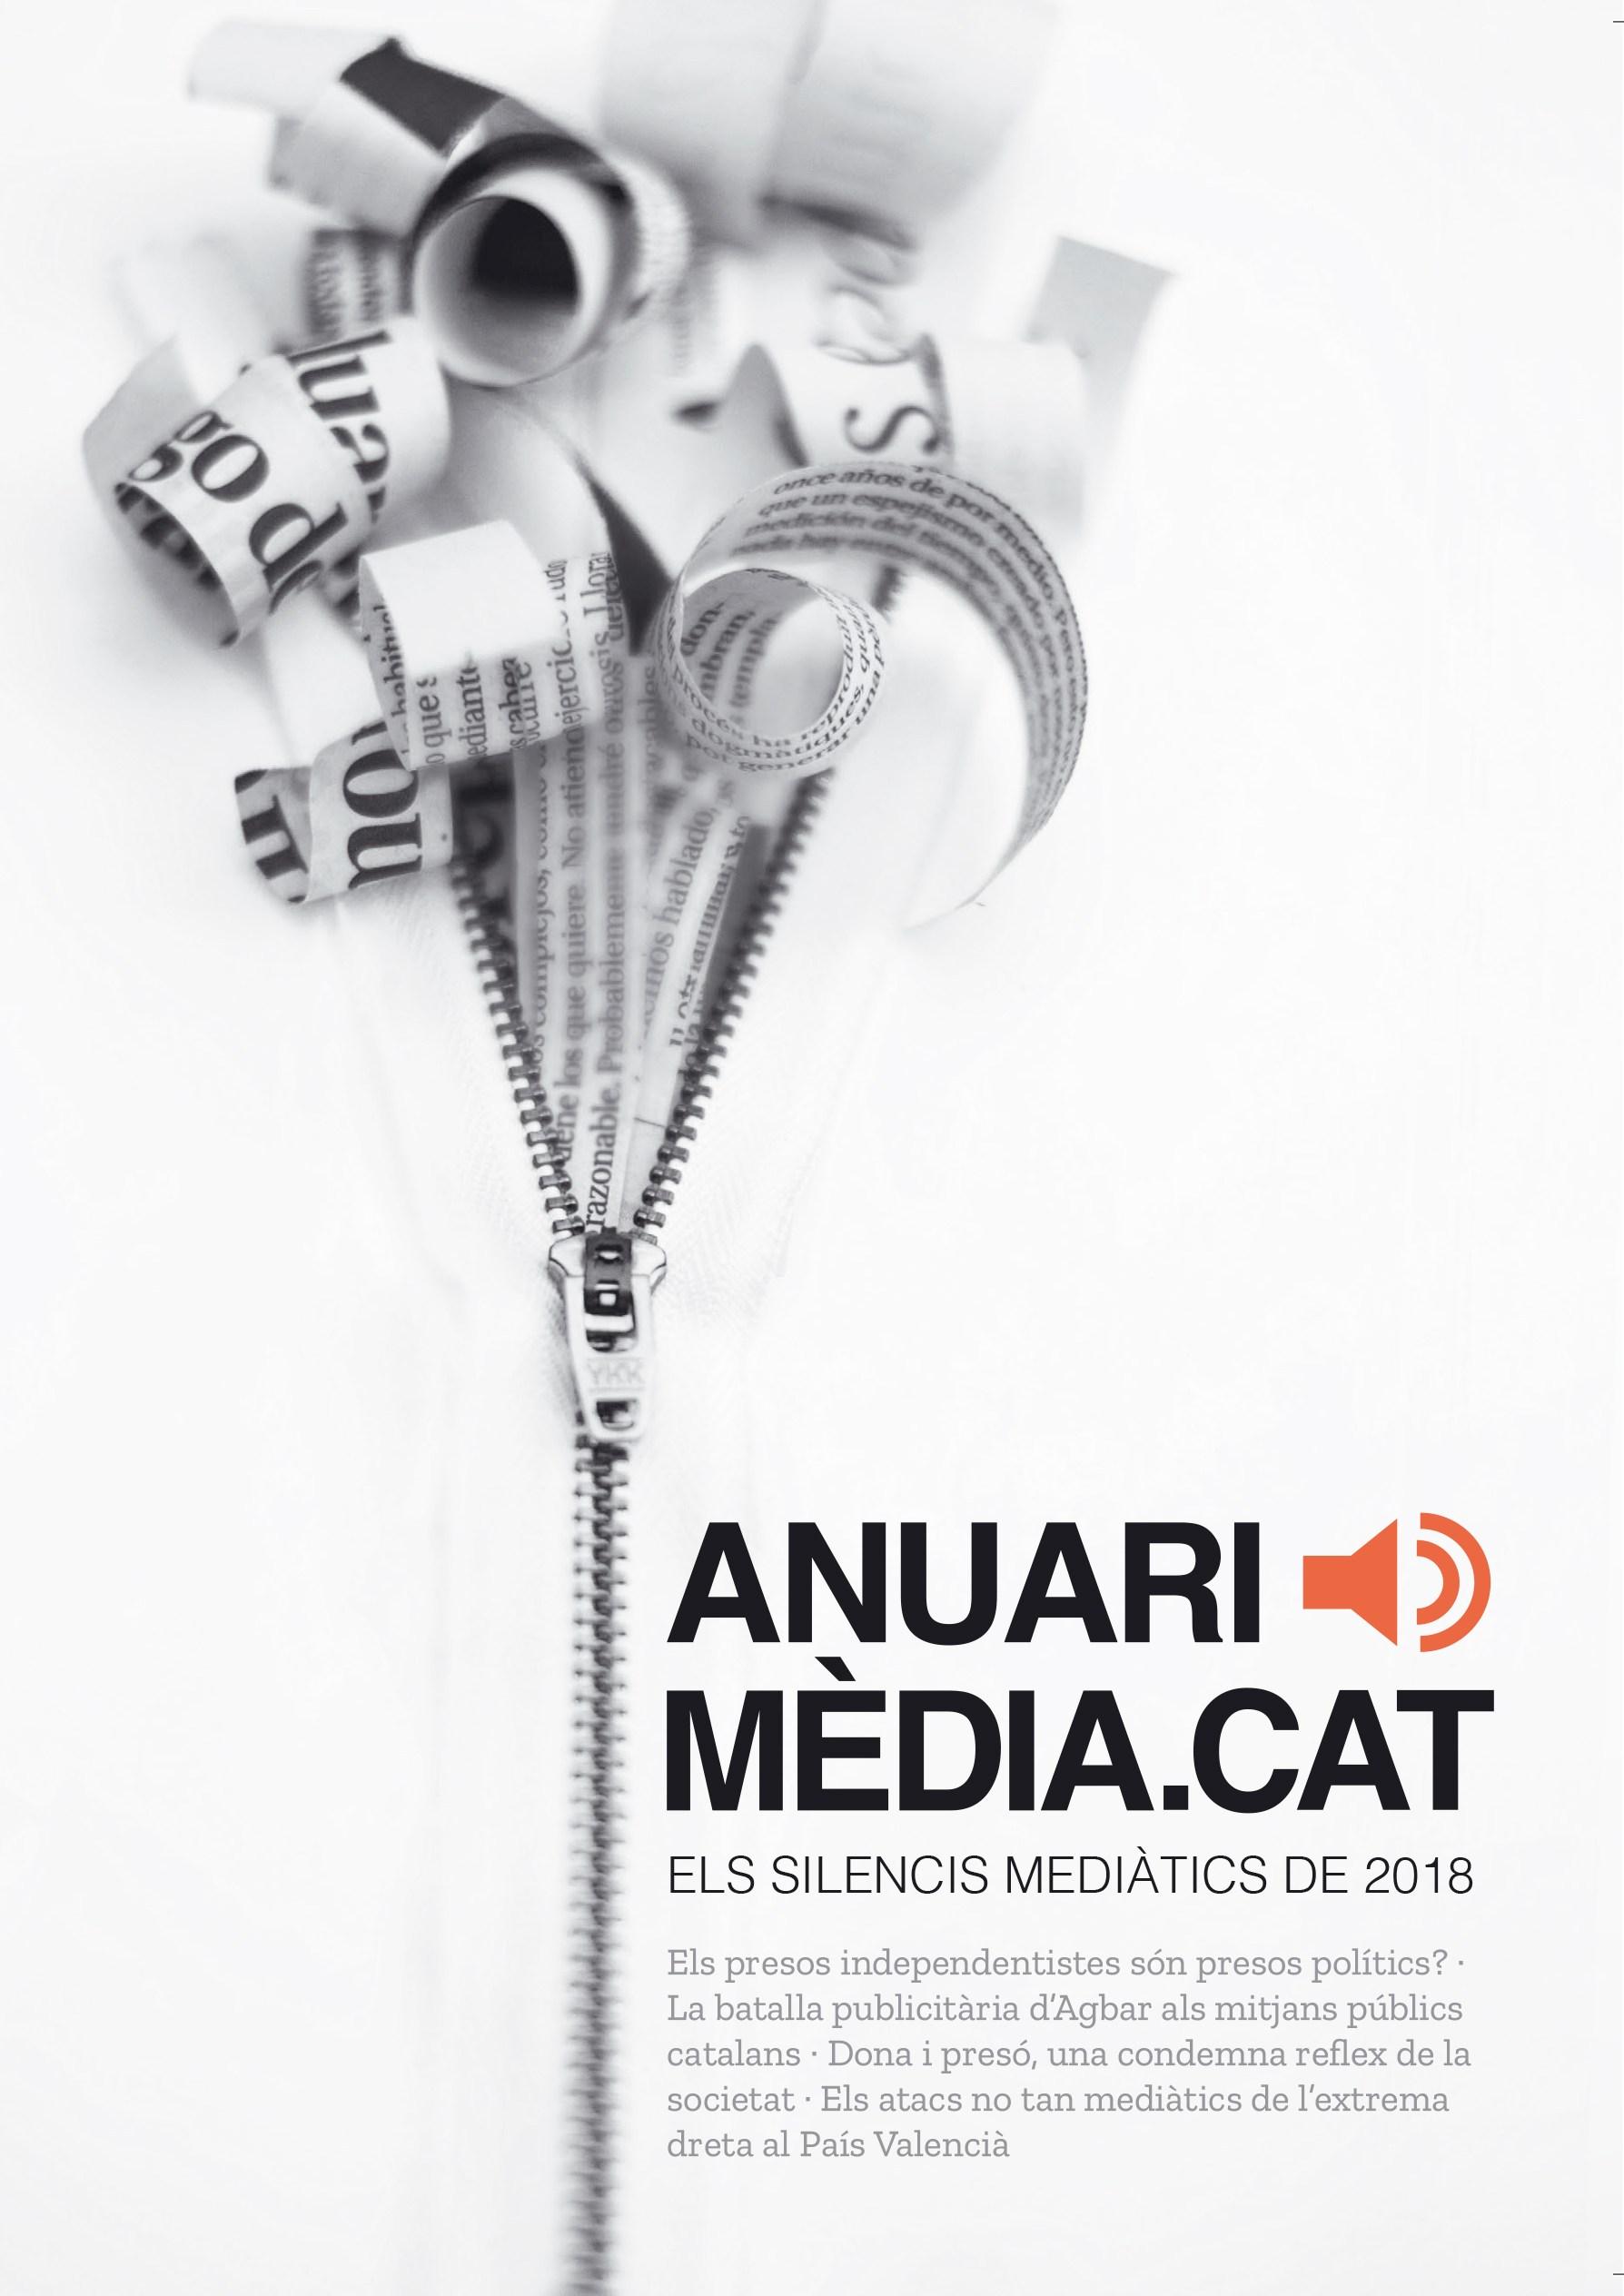 anuari-mediacat-2018-978-84-16828-53-1